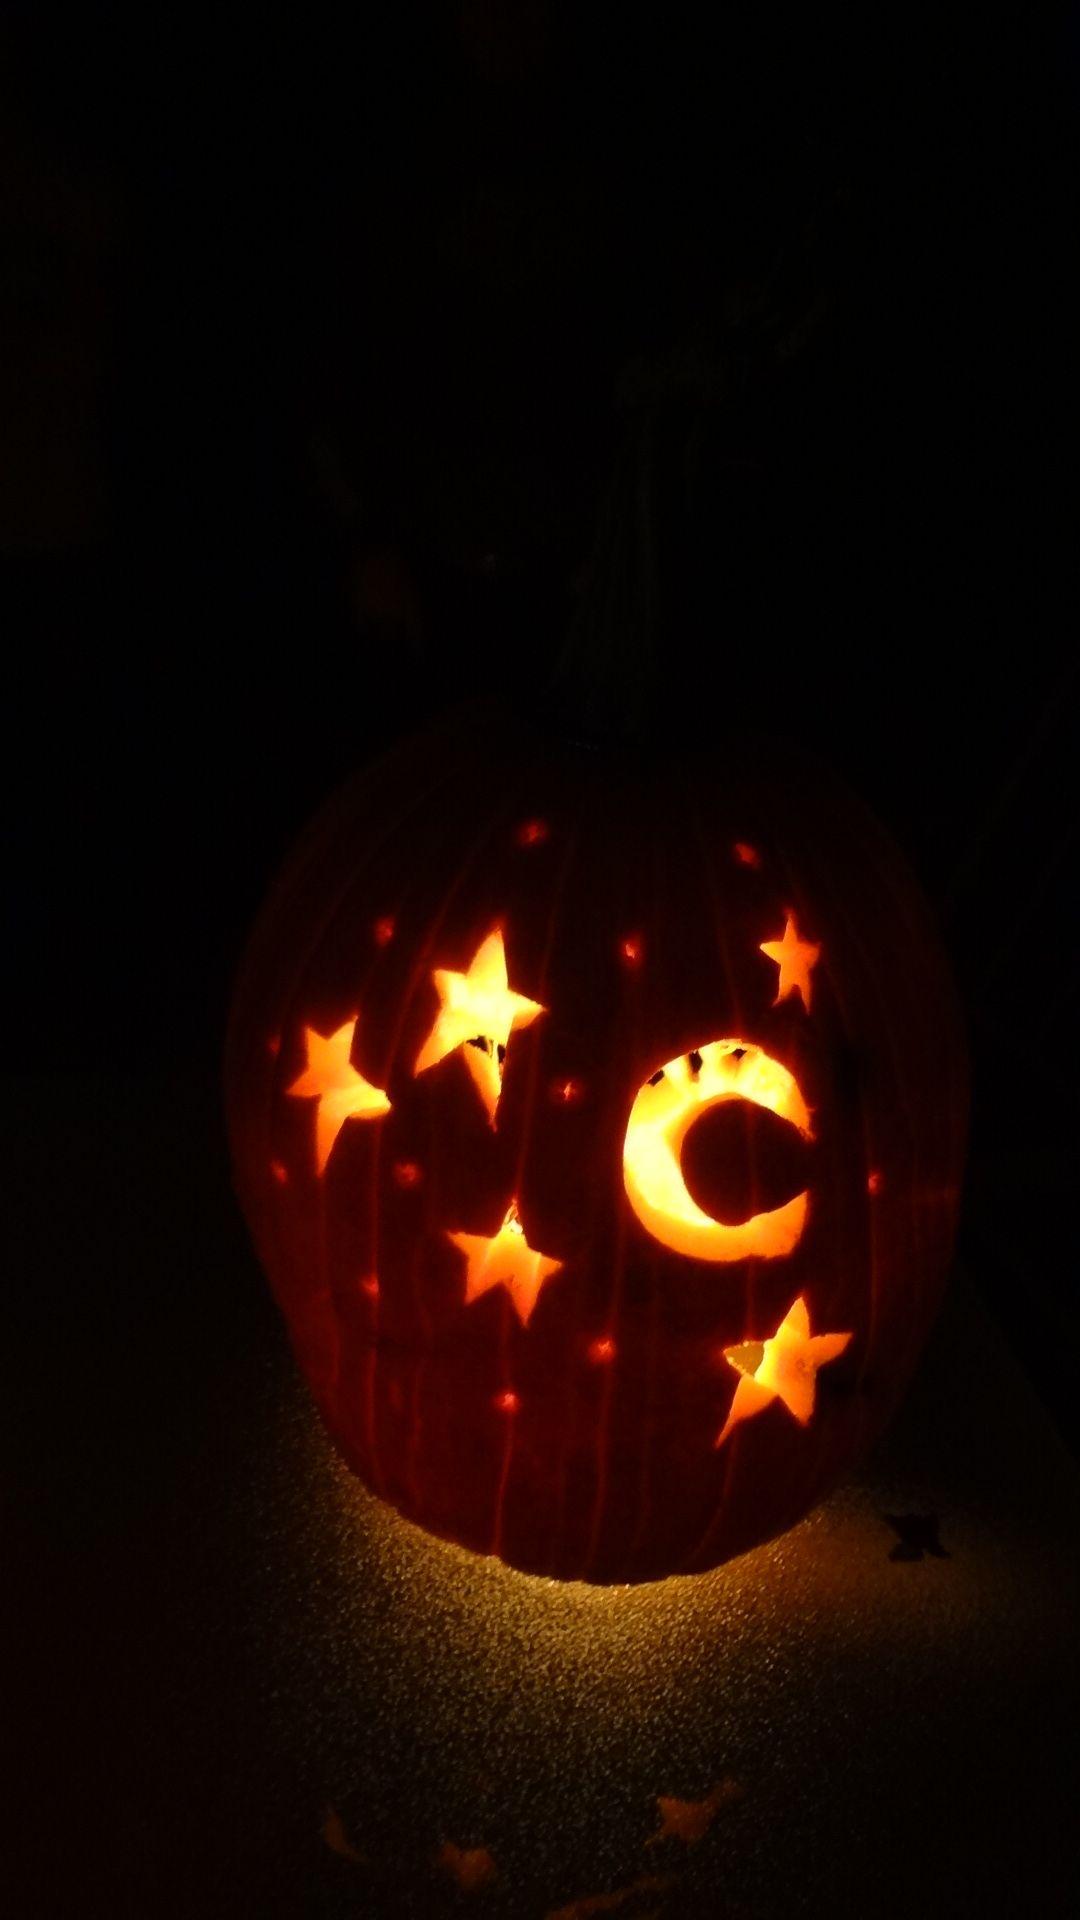 night sky lantern like